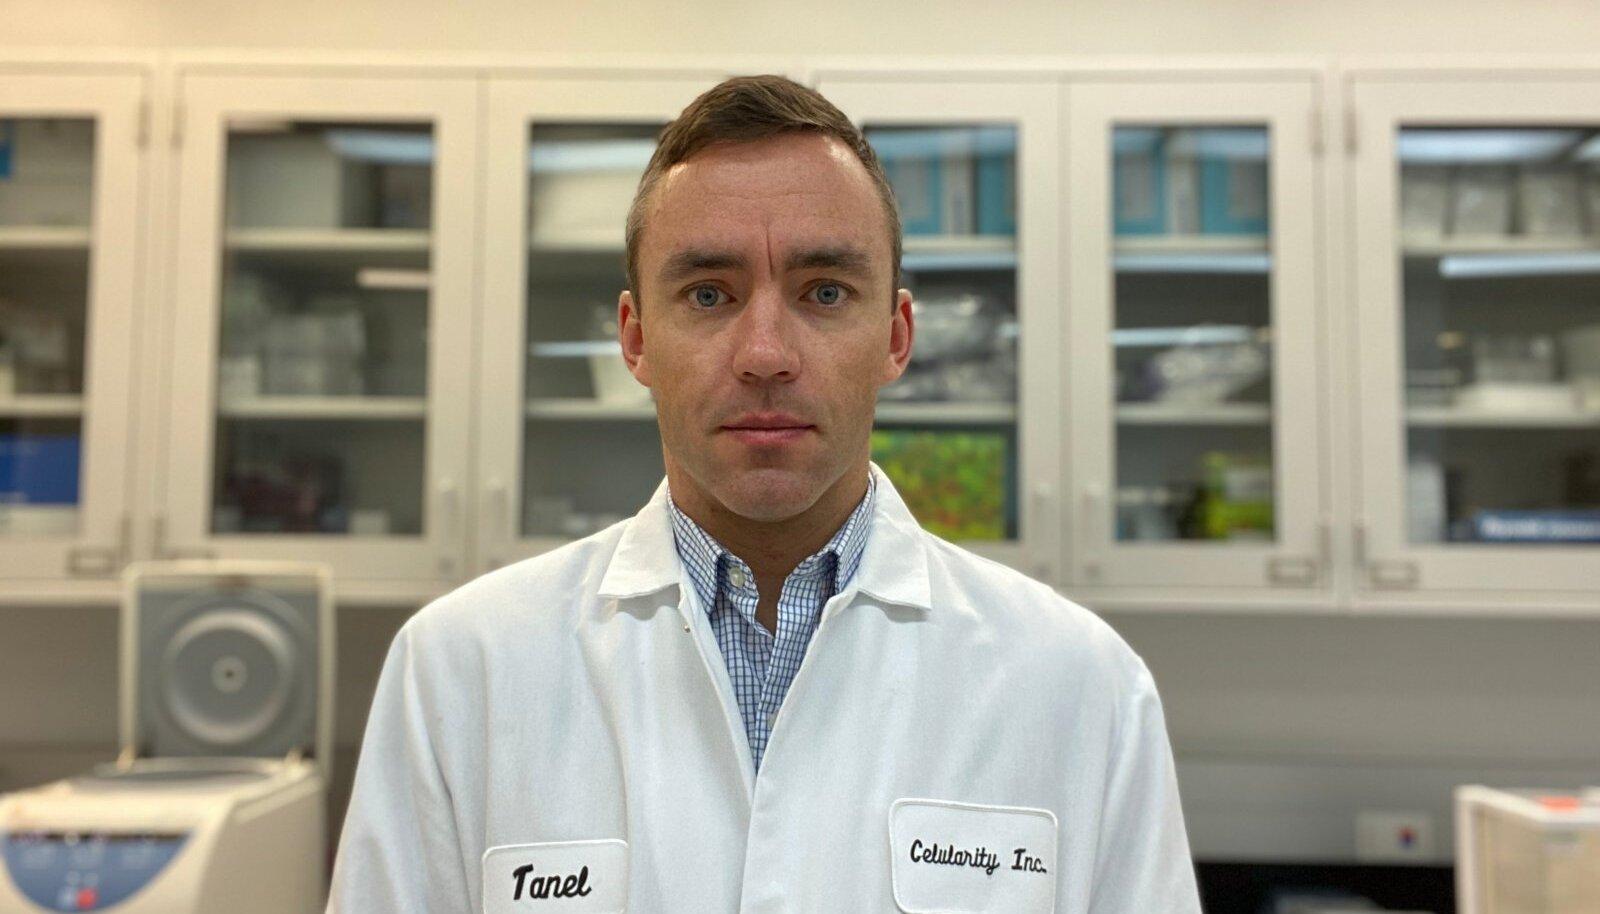 """TEADLANE EESLIINIL: Tanel Mahlakõiv töötab rakuteraapiat arendavas ettevõttes Celularity, mis suunas nüüd tähelepanu viirusvastasele võitlusele. """"Ravim tuleb kindlasti enne vaktsiini,"""" annab ta pandeemias lootust."""